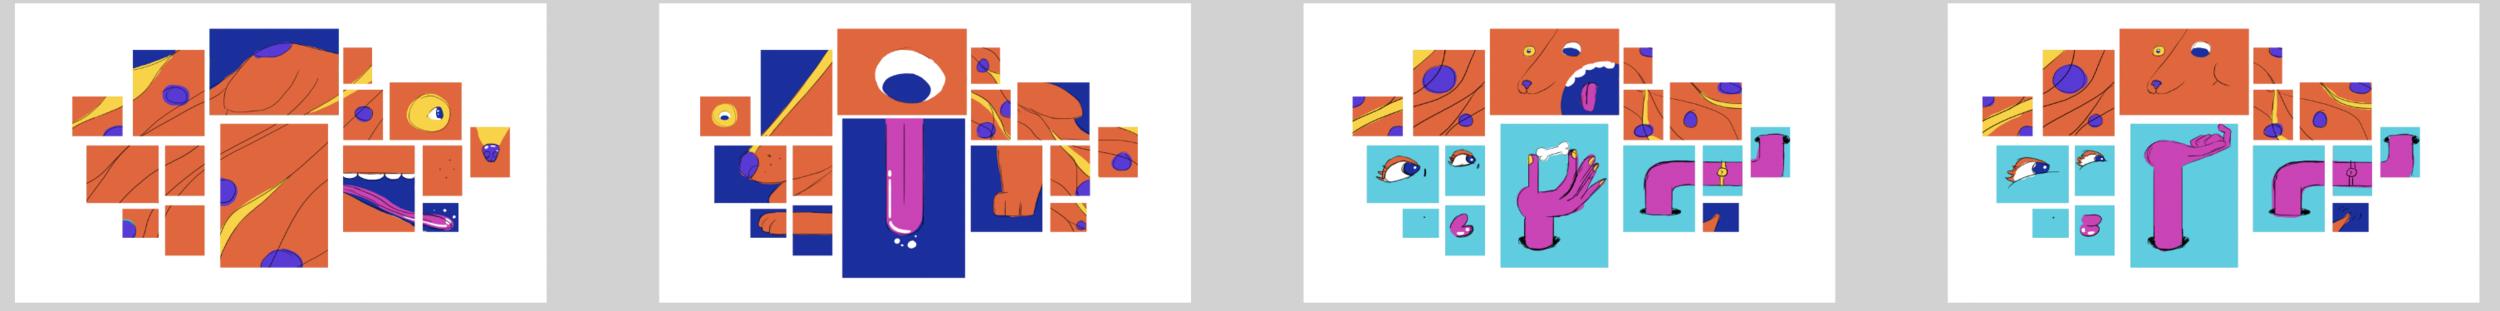 Feeling_ColorScript_v01.png